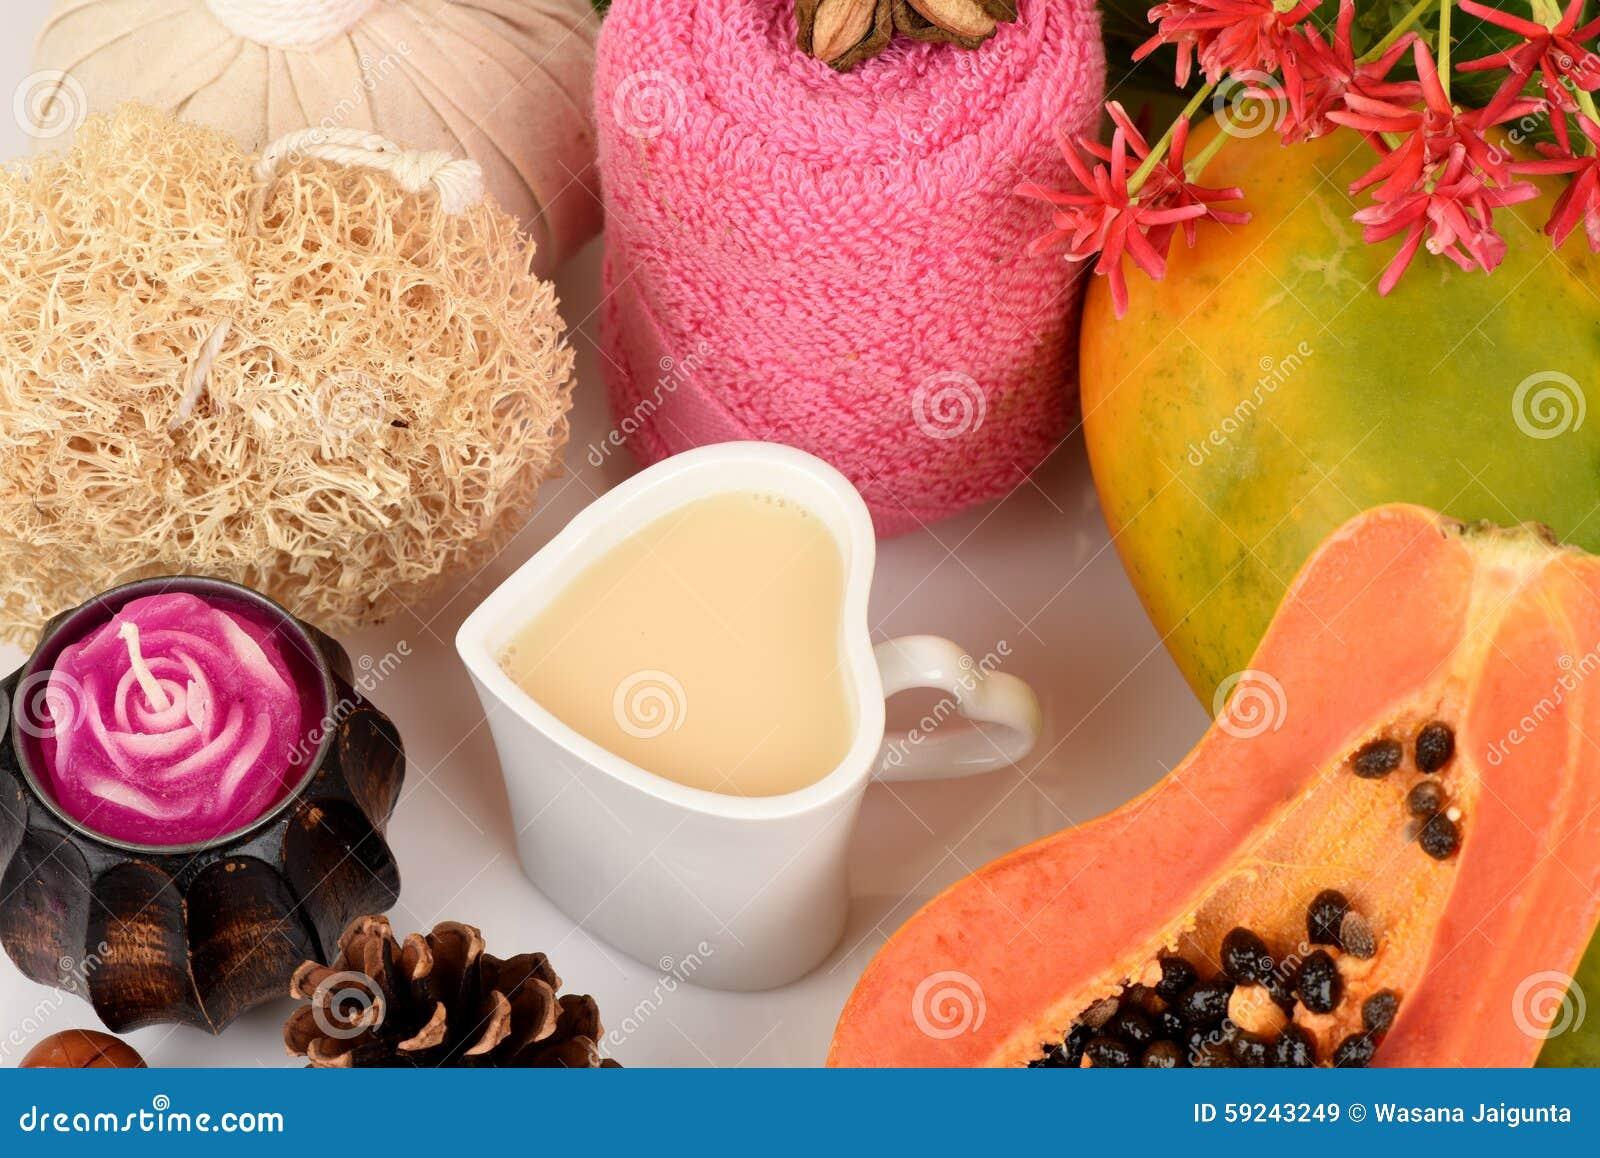 Download Mascarilla Para El Tratamiento Del Acné Con La Papaya Y La Leche Fresca Imagen de archivo - Imagen de aromatherapy, morin: 59243249